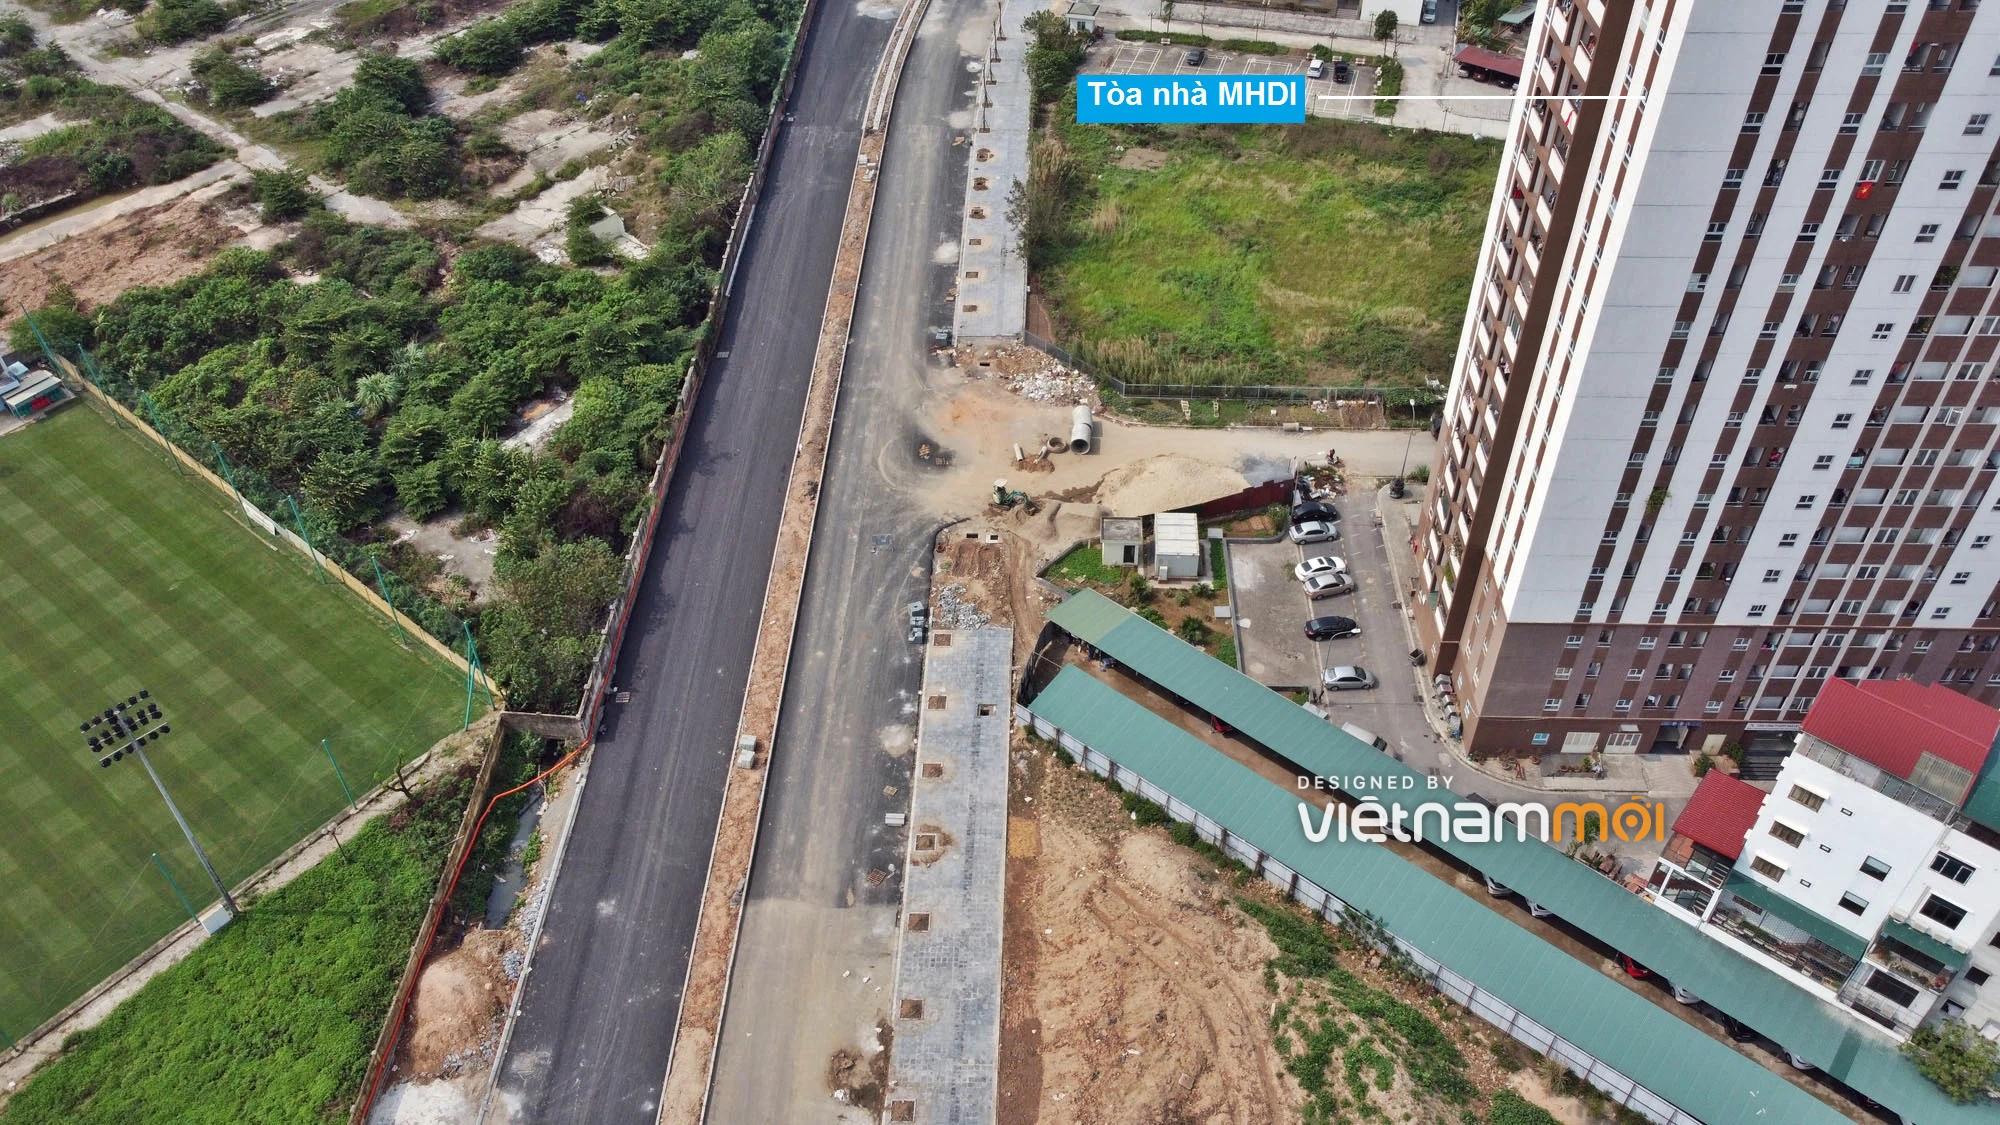 Toàn cảnh đường từ Vũ Quỳnh đến Lê Đức Thọ - Phạm Hùng đang mở theo quy hoạch ở Hà Nội - Ảnh 4.